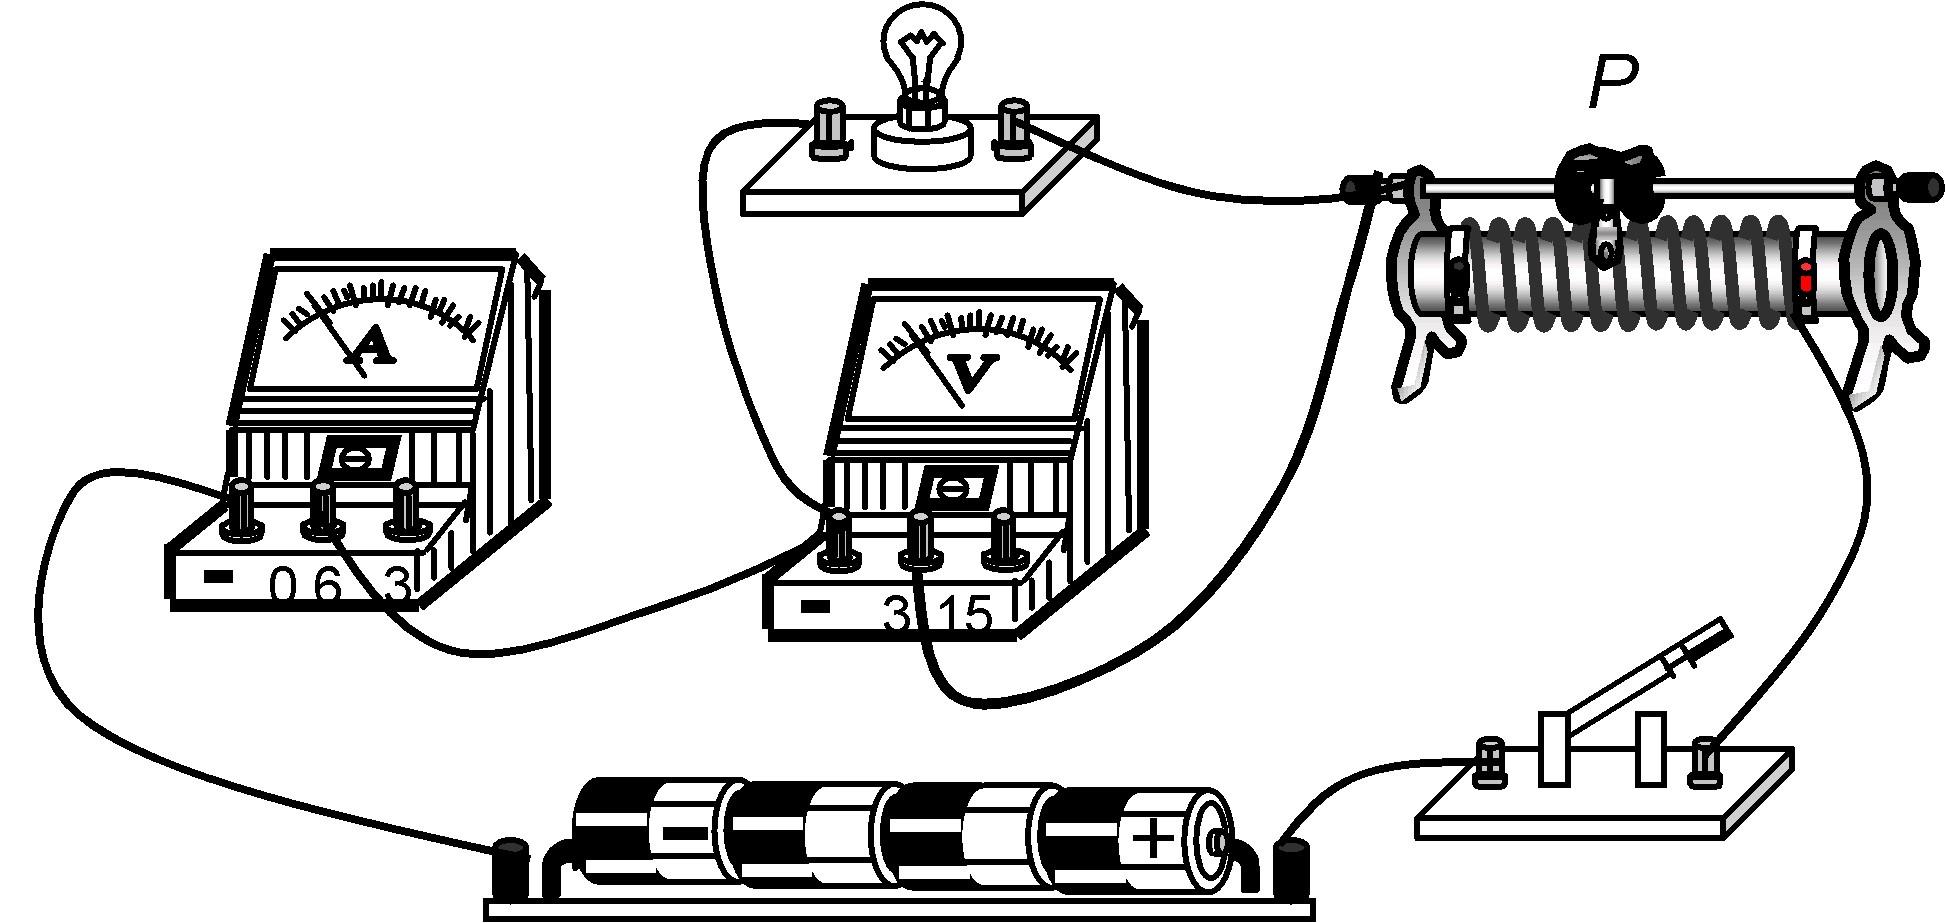 猪小屁囹�a�i)�aj9i-9`�_(或小灯泡灯丝断了,灯座接触不良,灯座接线柱接触不良